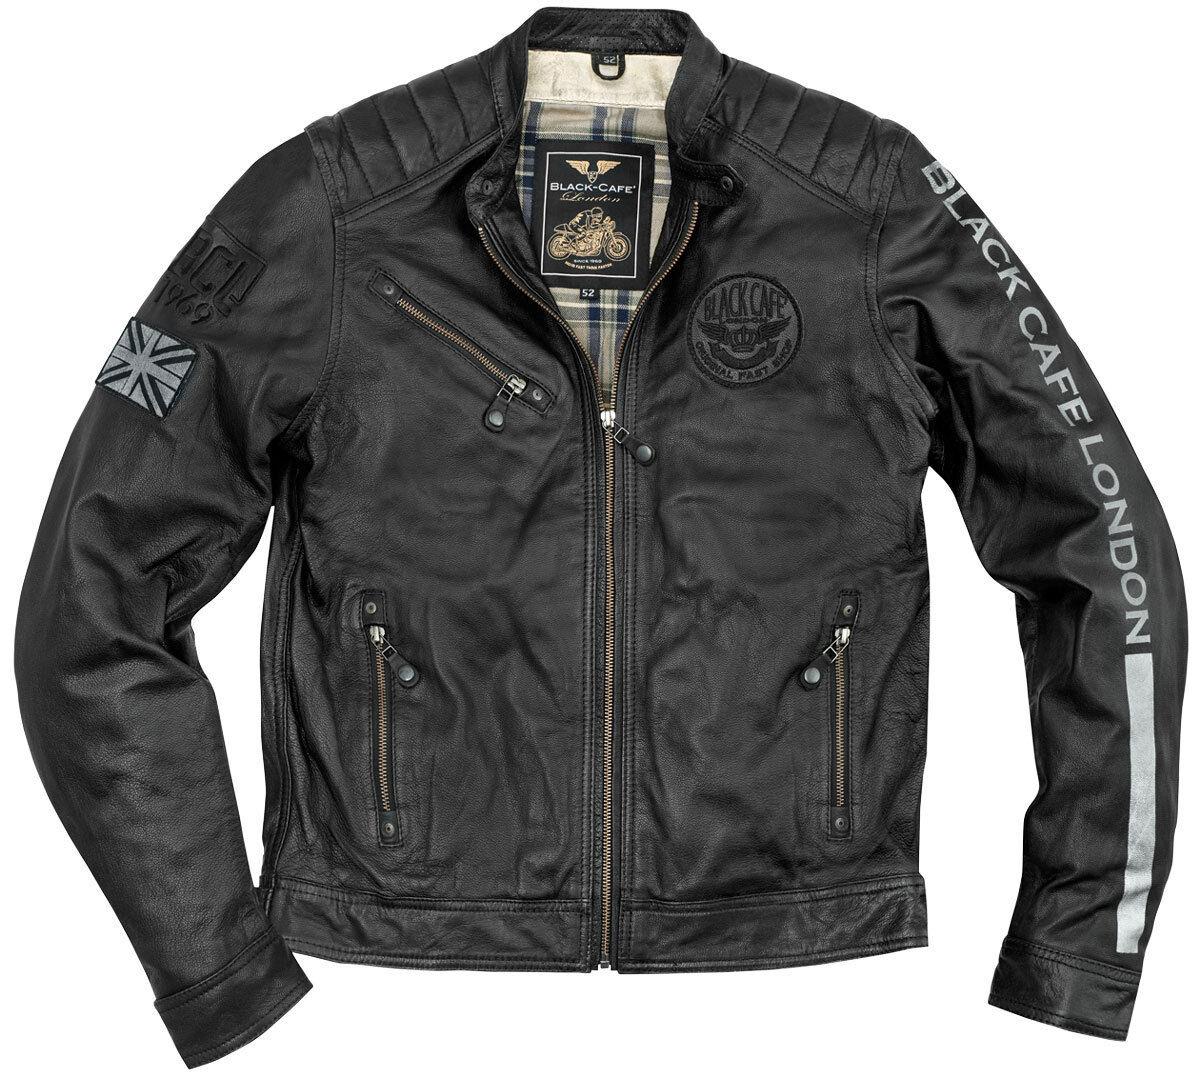 Black-Cafe London Shanghai Veste en cuir de moto Noir Blanc taille : 48